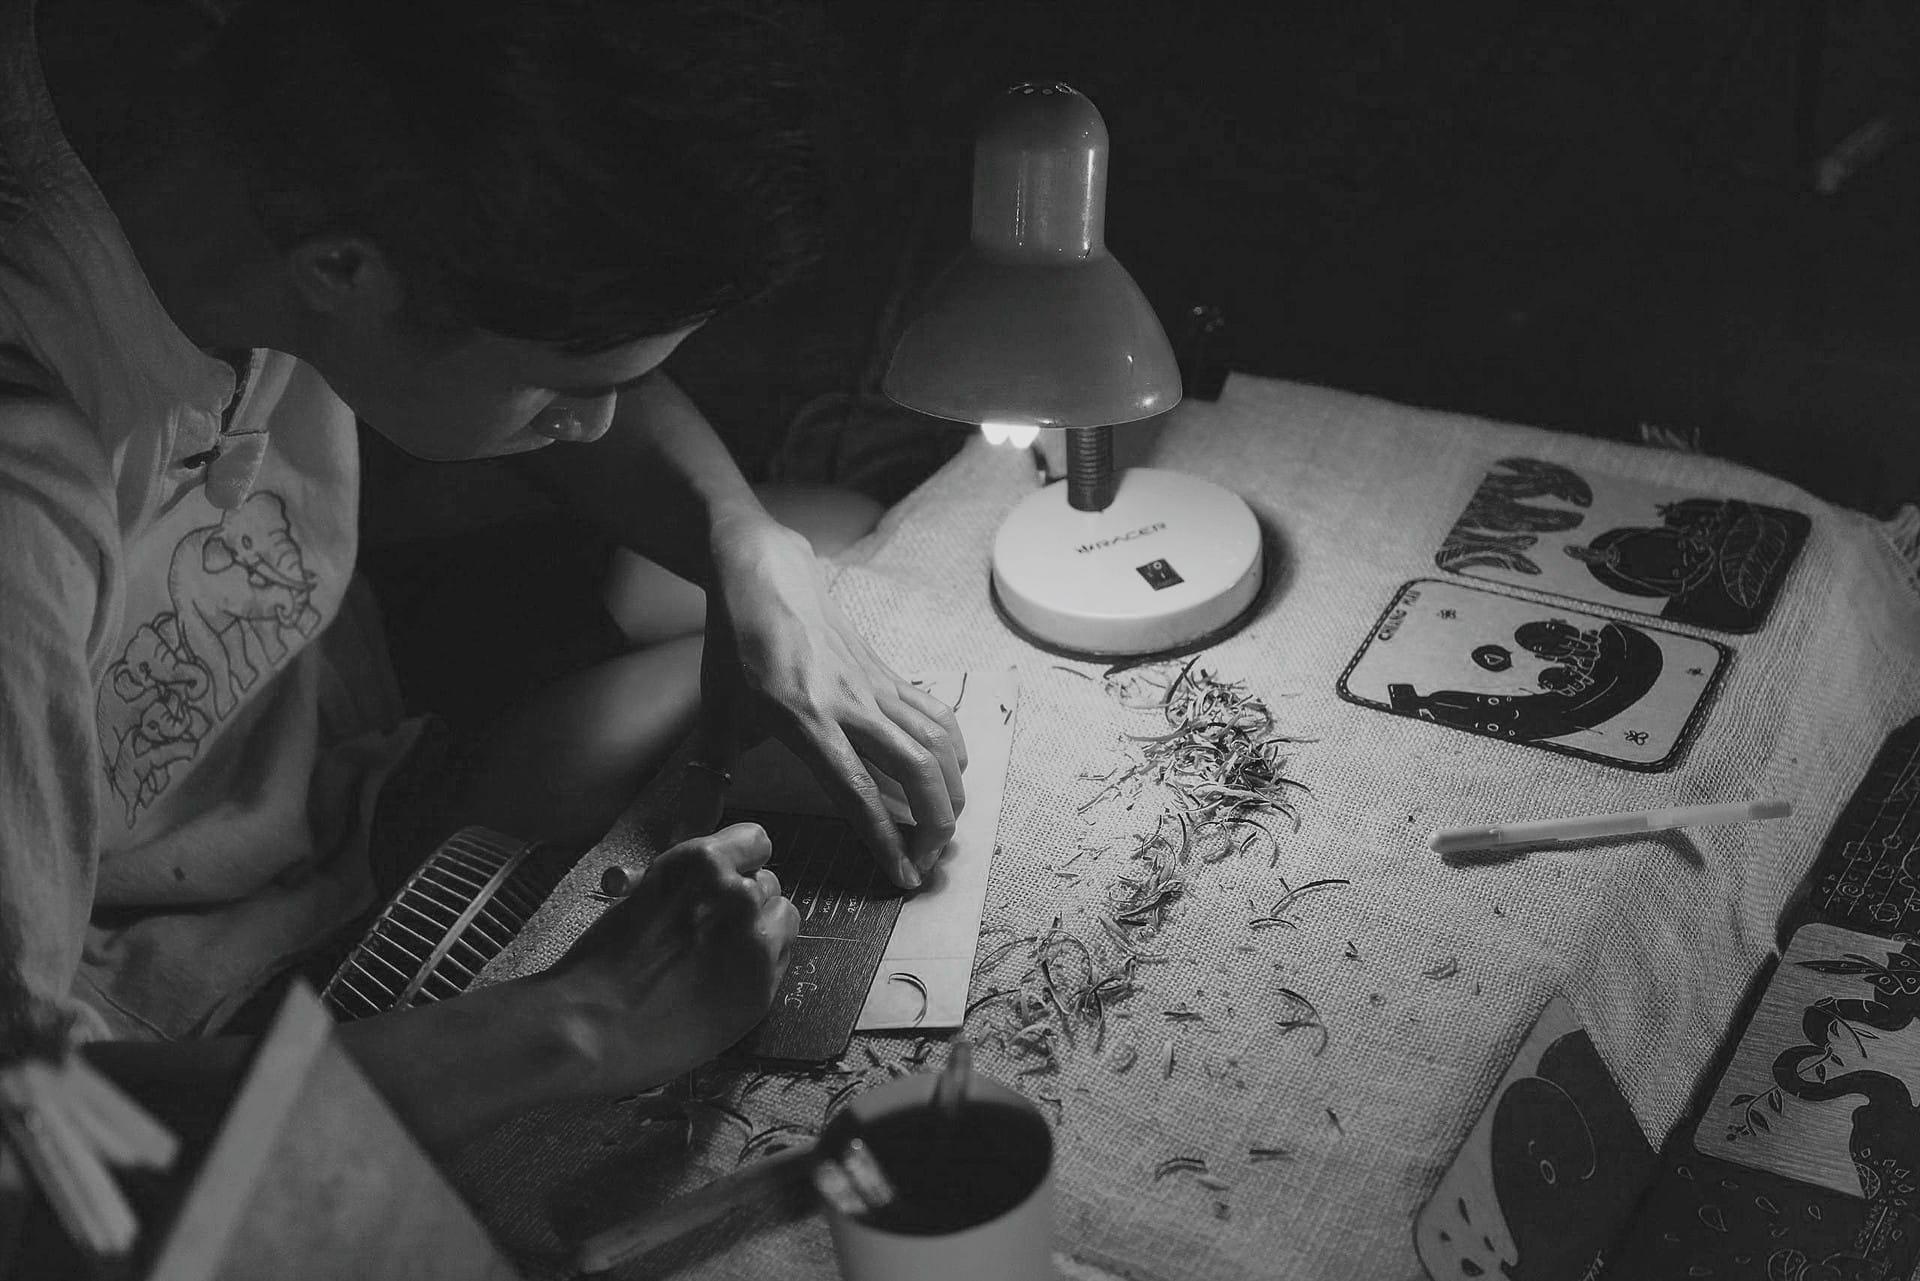 Mann beim Gravieren einer Tafel auf einem Holztisch